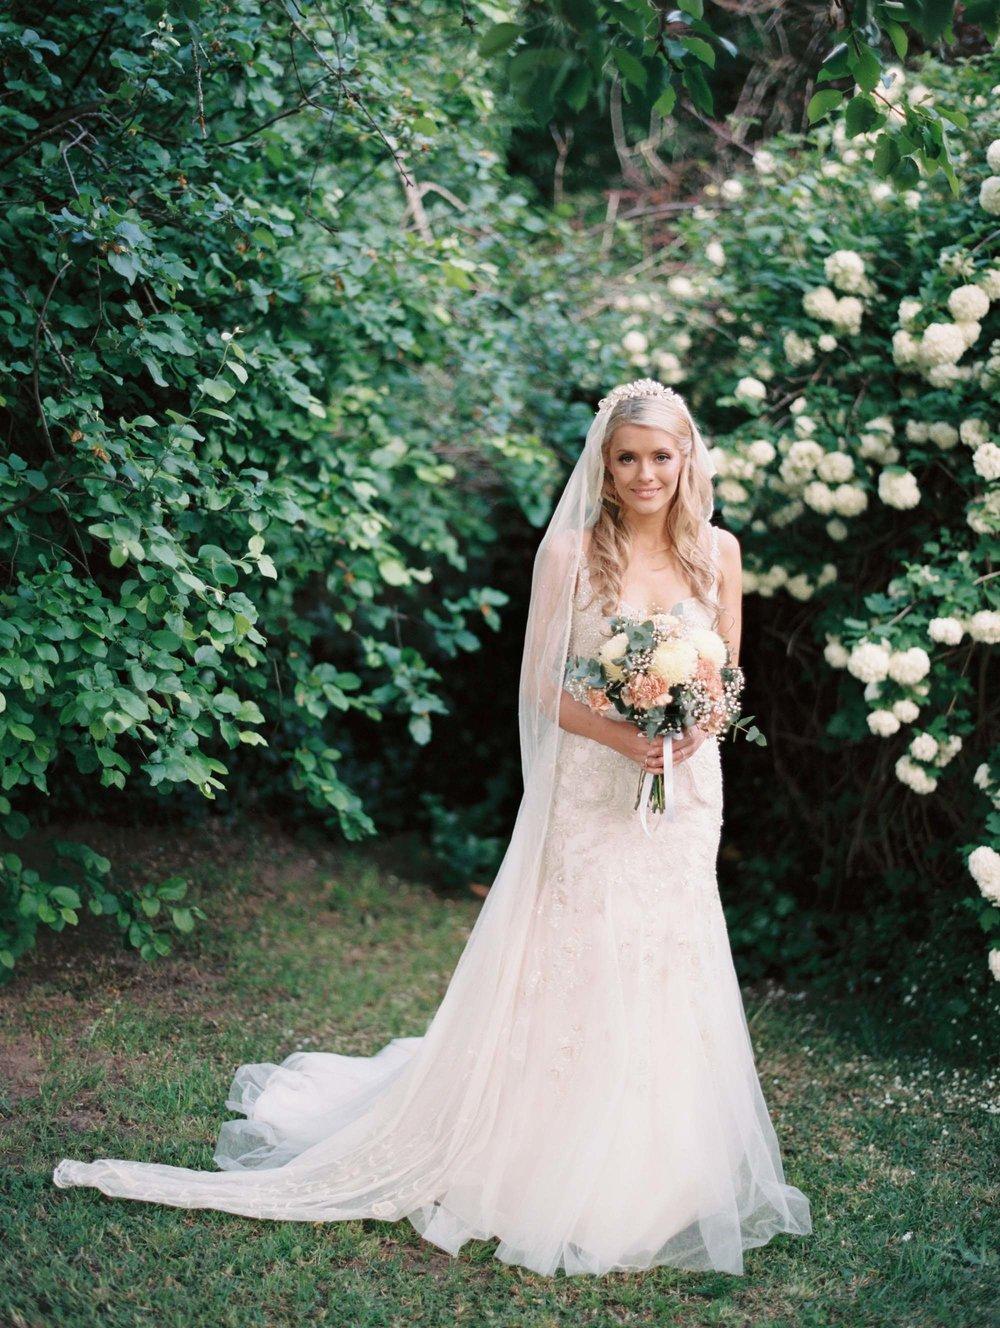 Whitehouse-hahndorf-wedding-photography-066.jpg